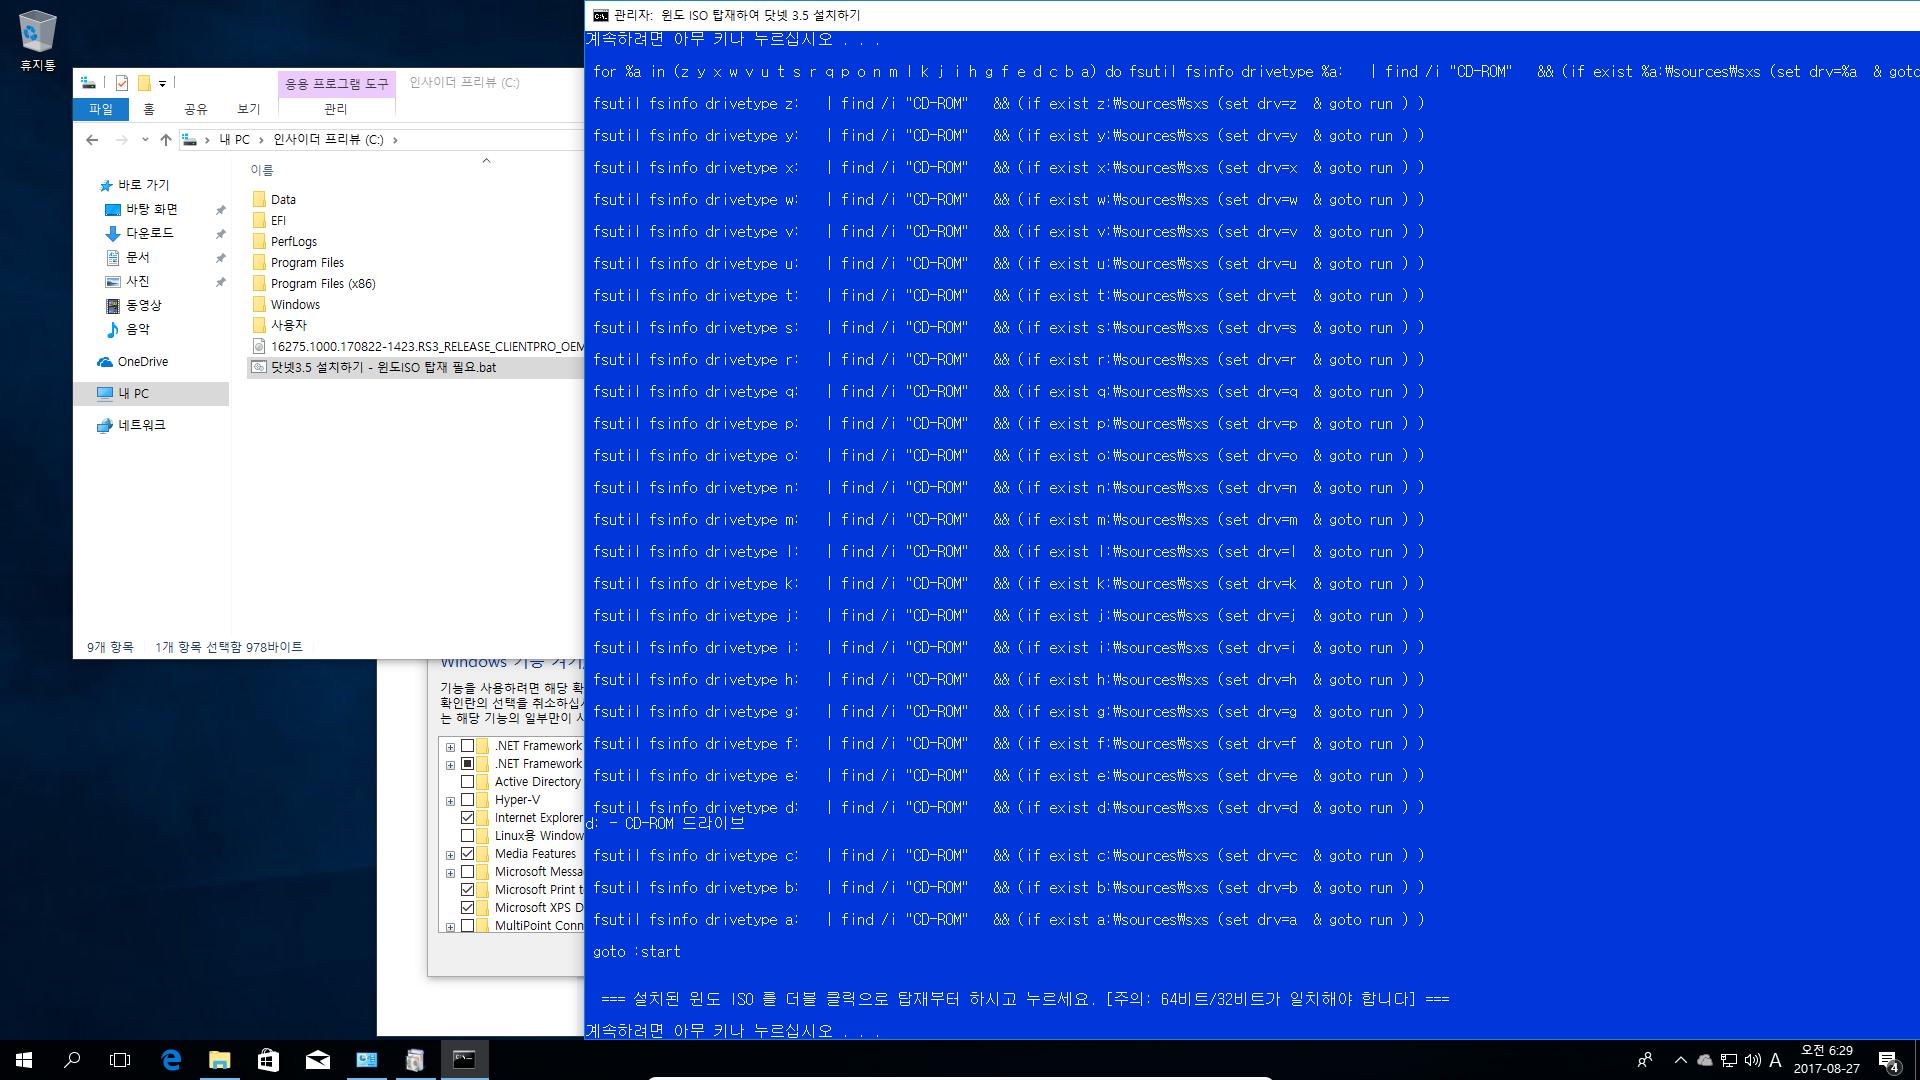 닷넷3.5 설치하기 - 윈도ISO 탑재 필요.bat 테스트-윈도iso 탑재하지 않거나 윈도가 아닌 iso가 탑재 되어 있으면 실행 안 됩니다 2017-08-27_062951.png